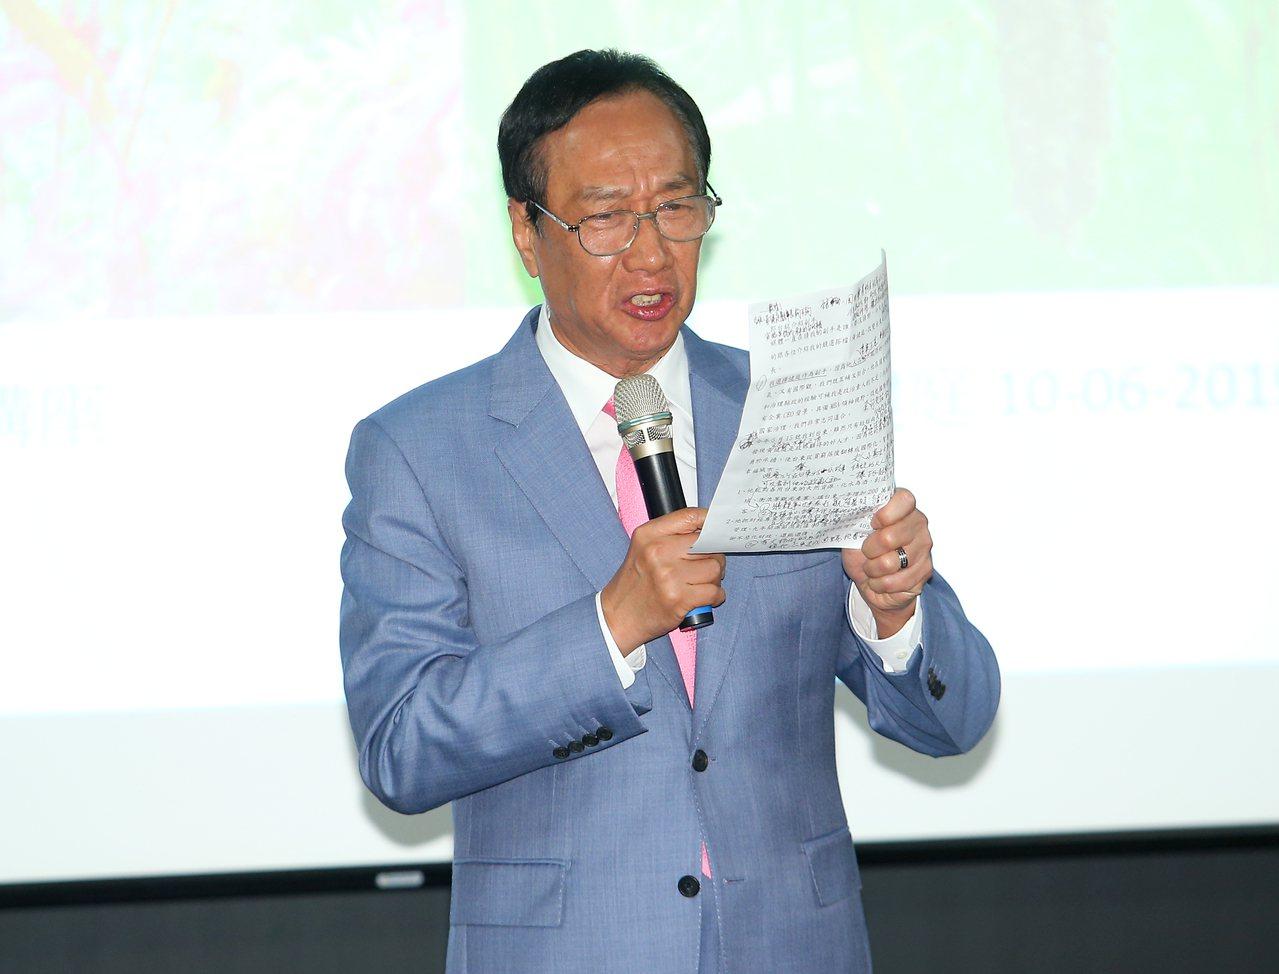 鴻海創辦人郭台銘。聯合報系資料照片/記者余承翰攝影